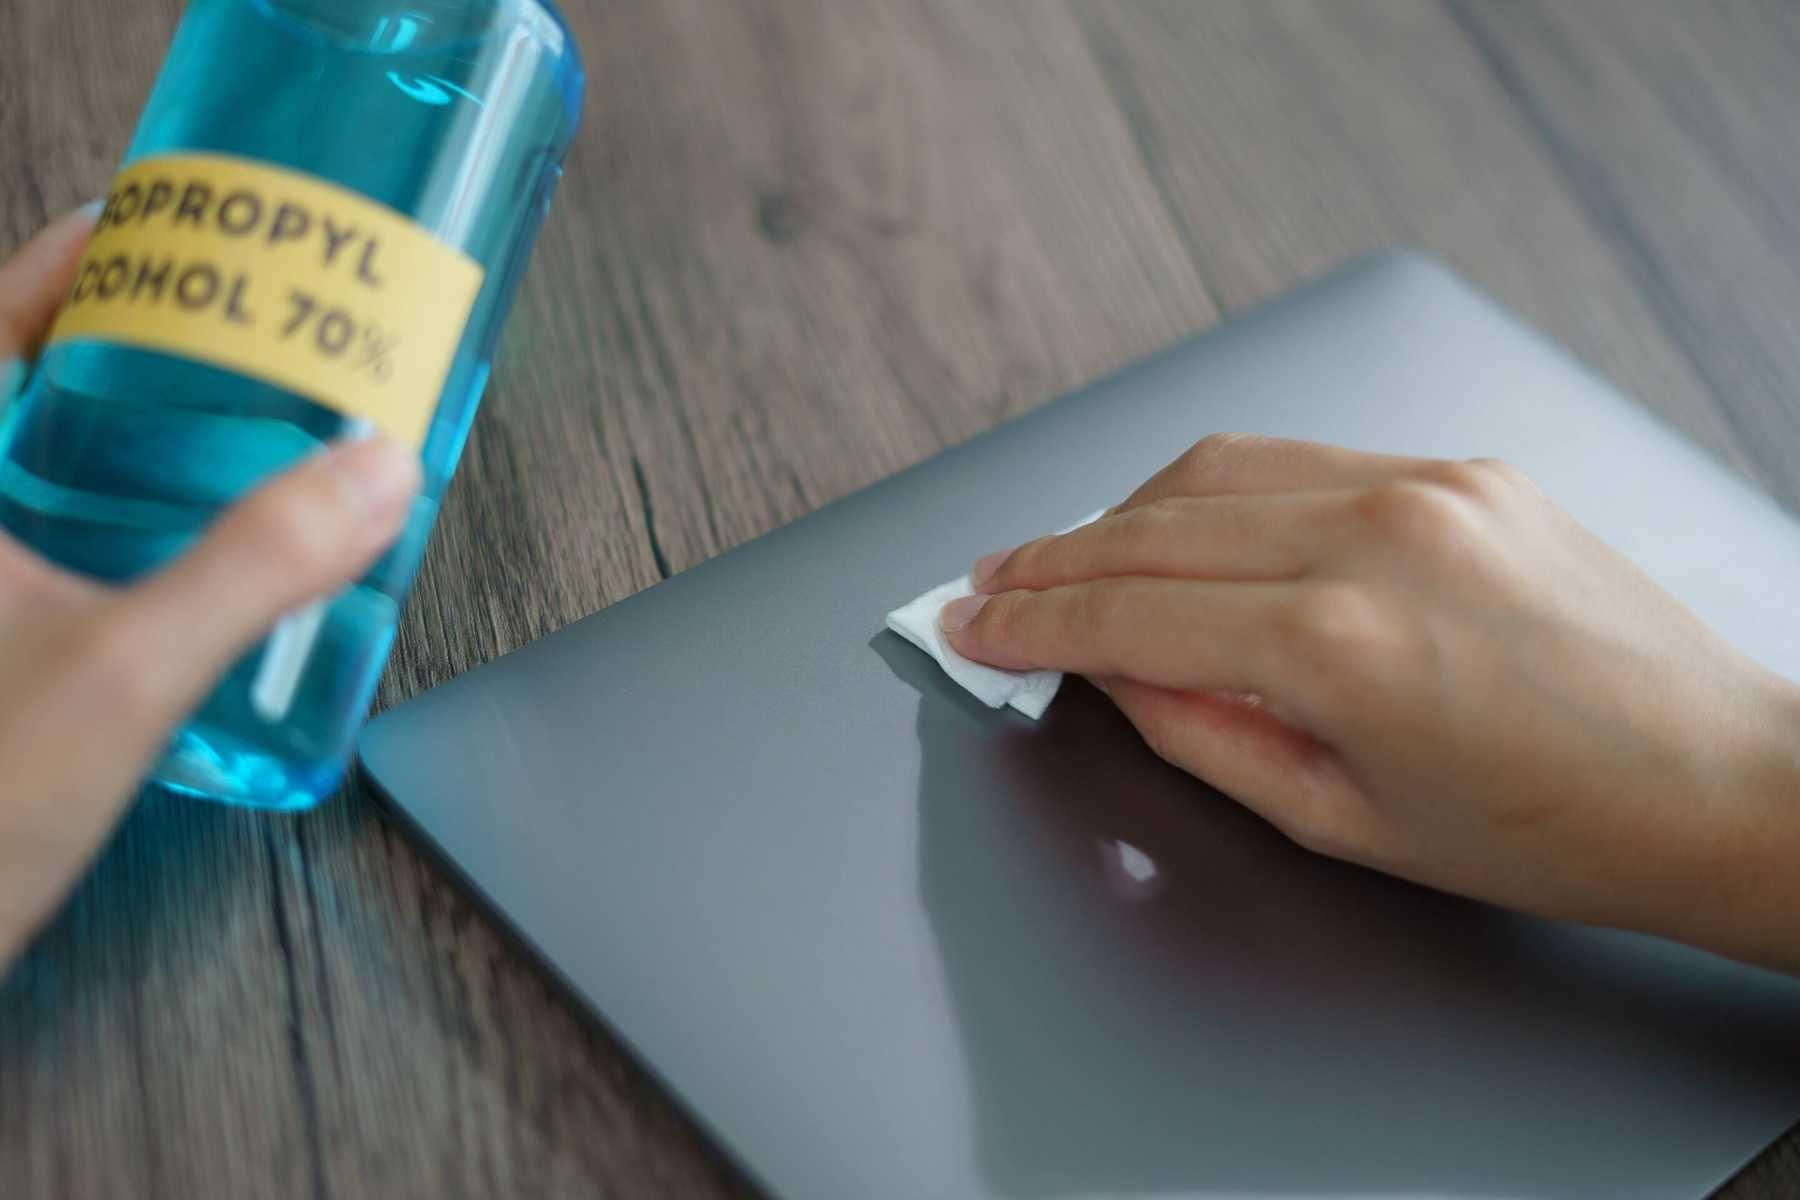 Vệ sinh vỏ máy laptop